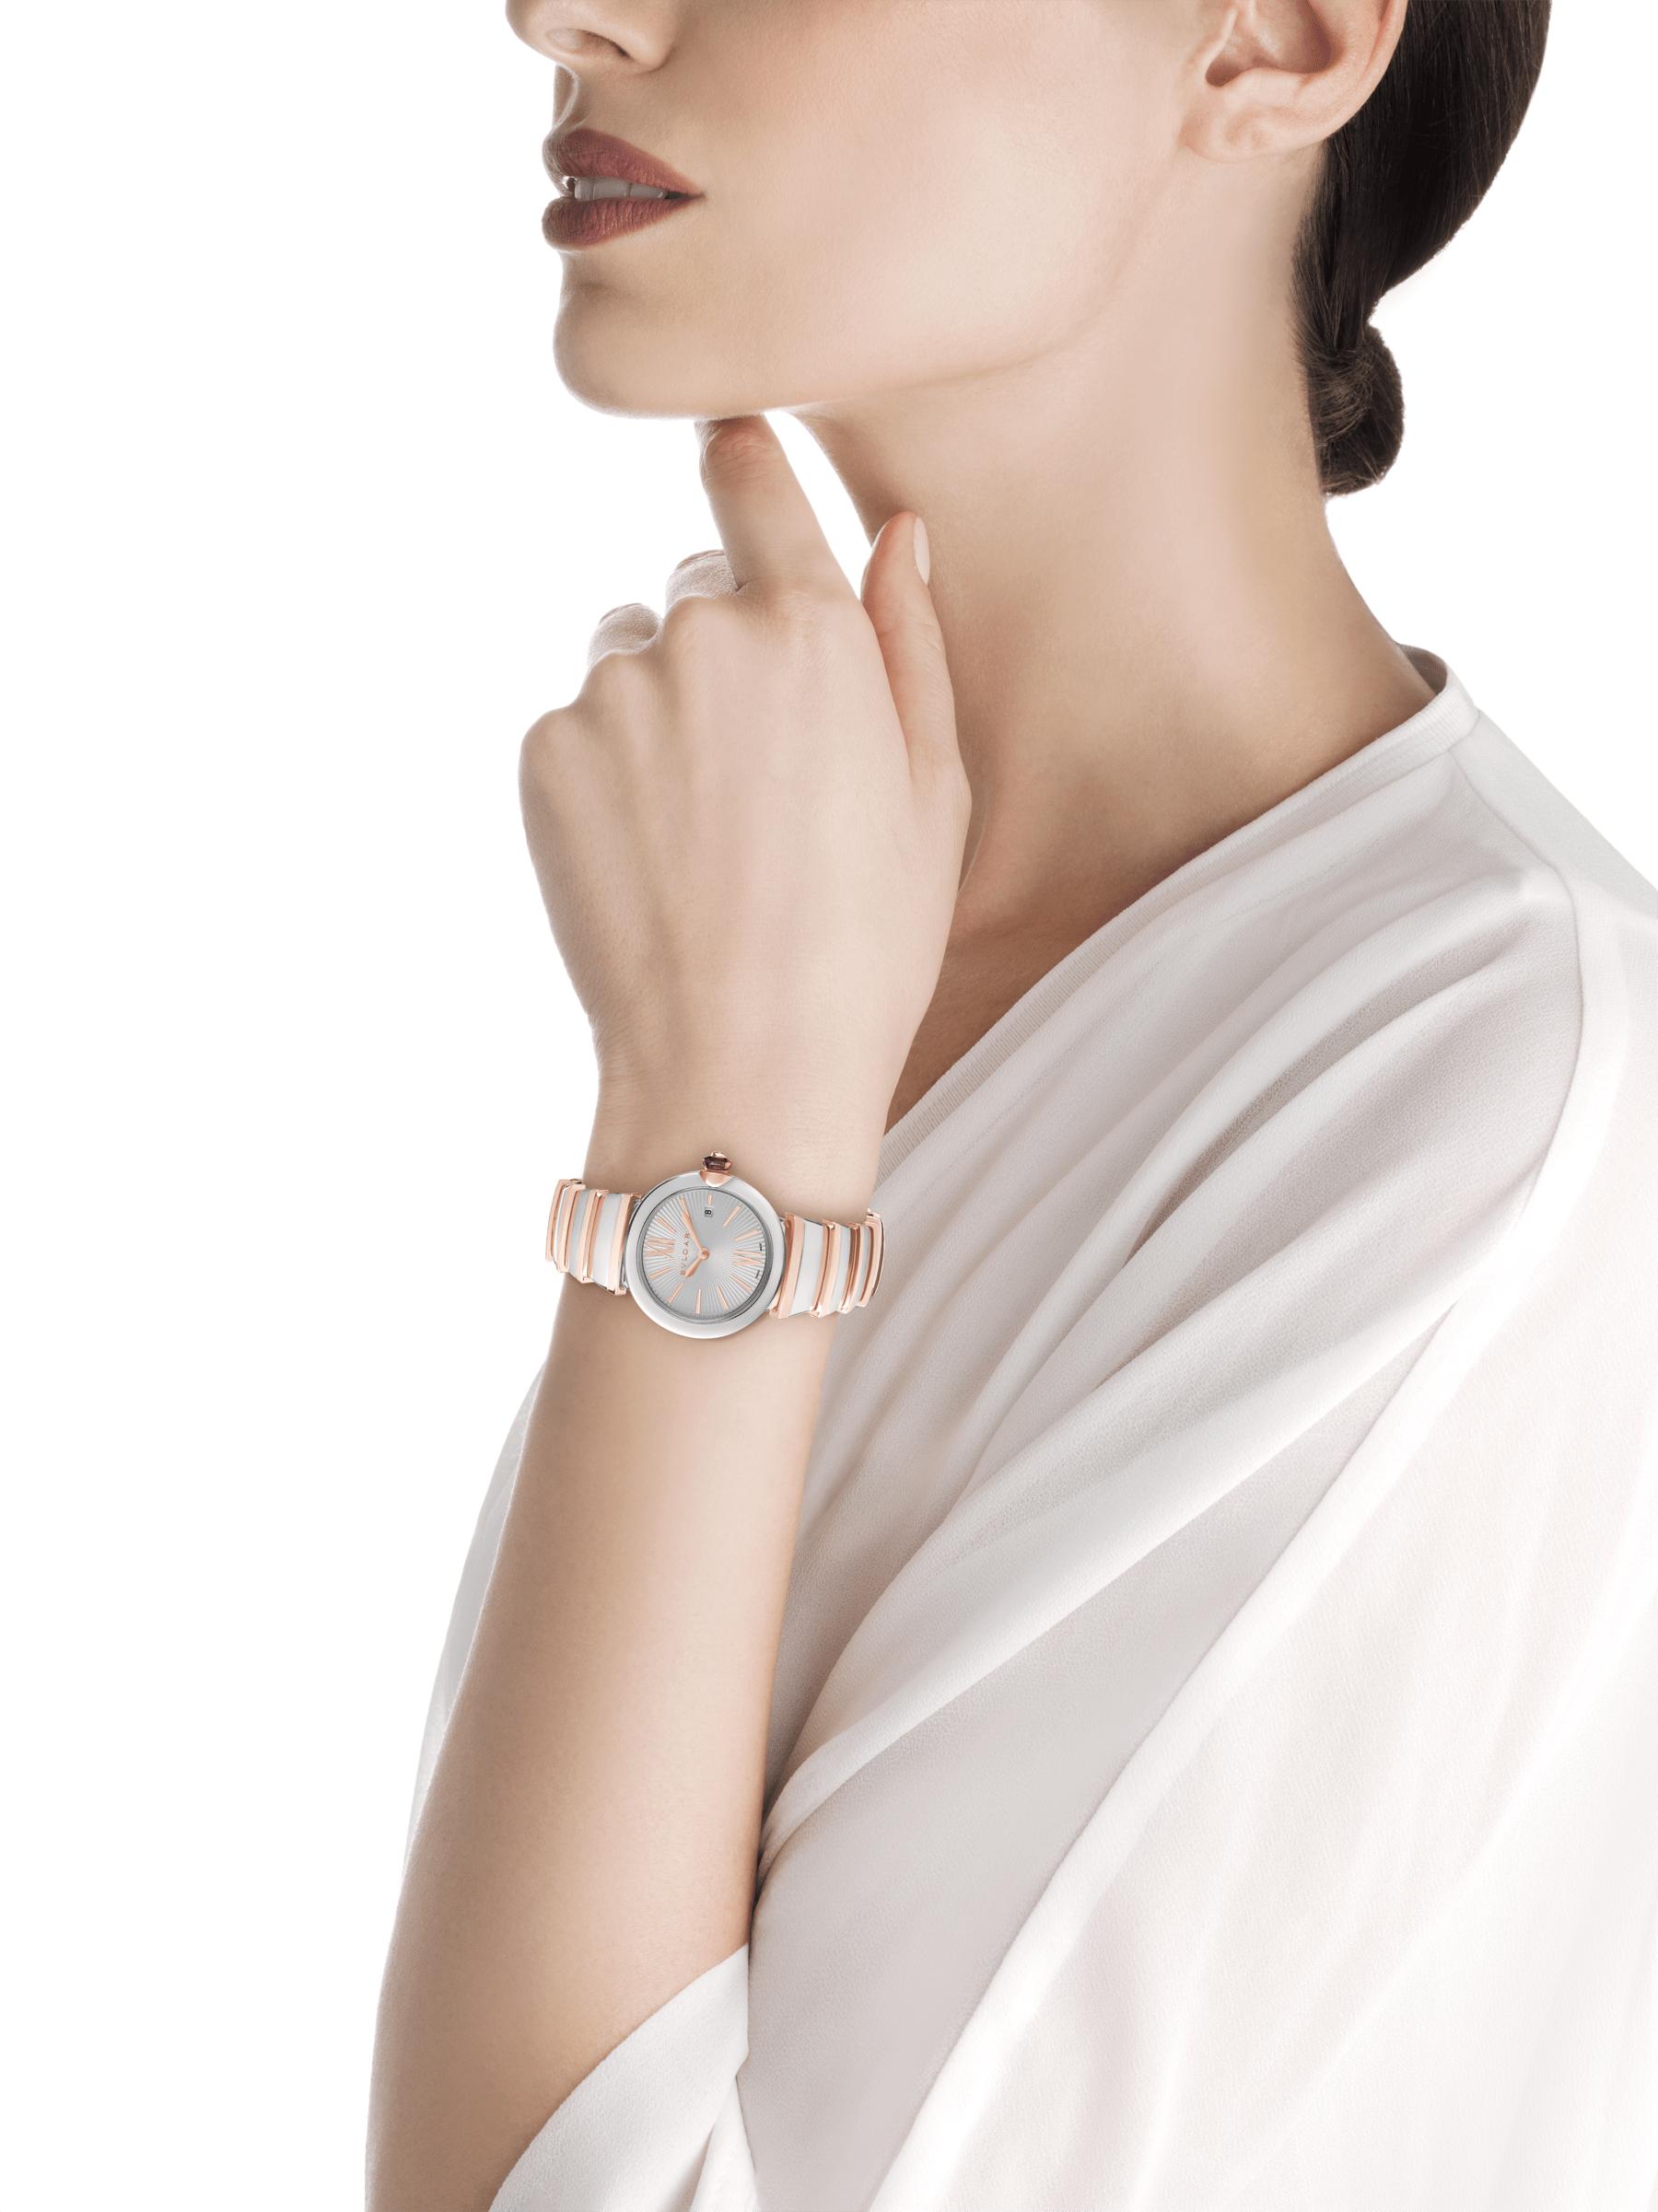 Часы LVCEA, корпус из нержавеющей стали, серебристый опаловый циферблат, браслет из розового золота 18 карат и нержавеющей стали. 102193 image 4